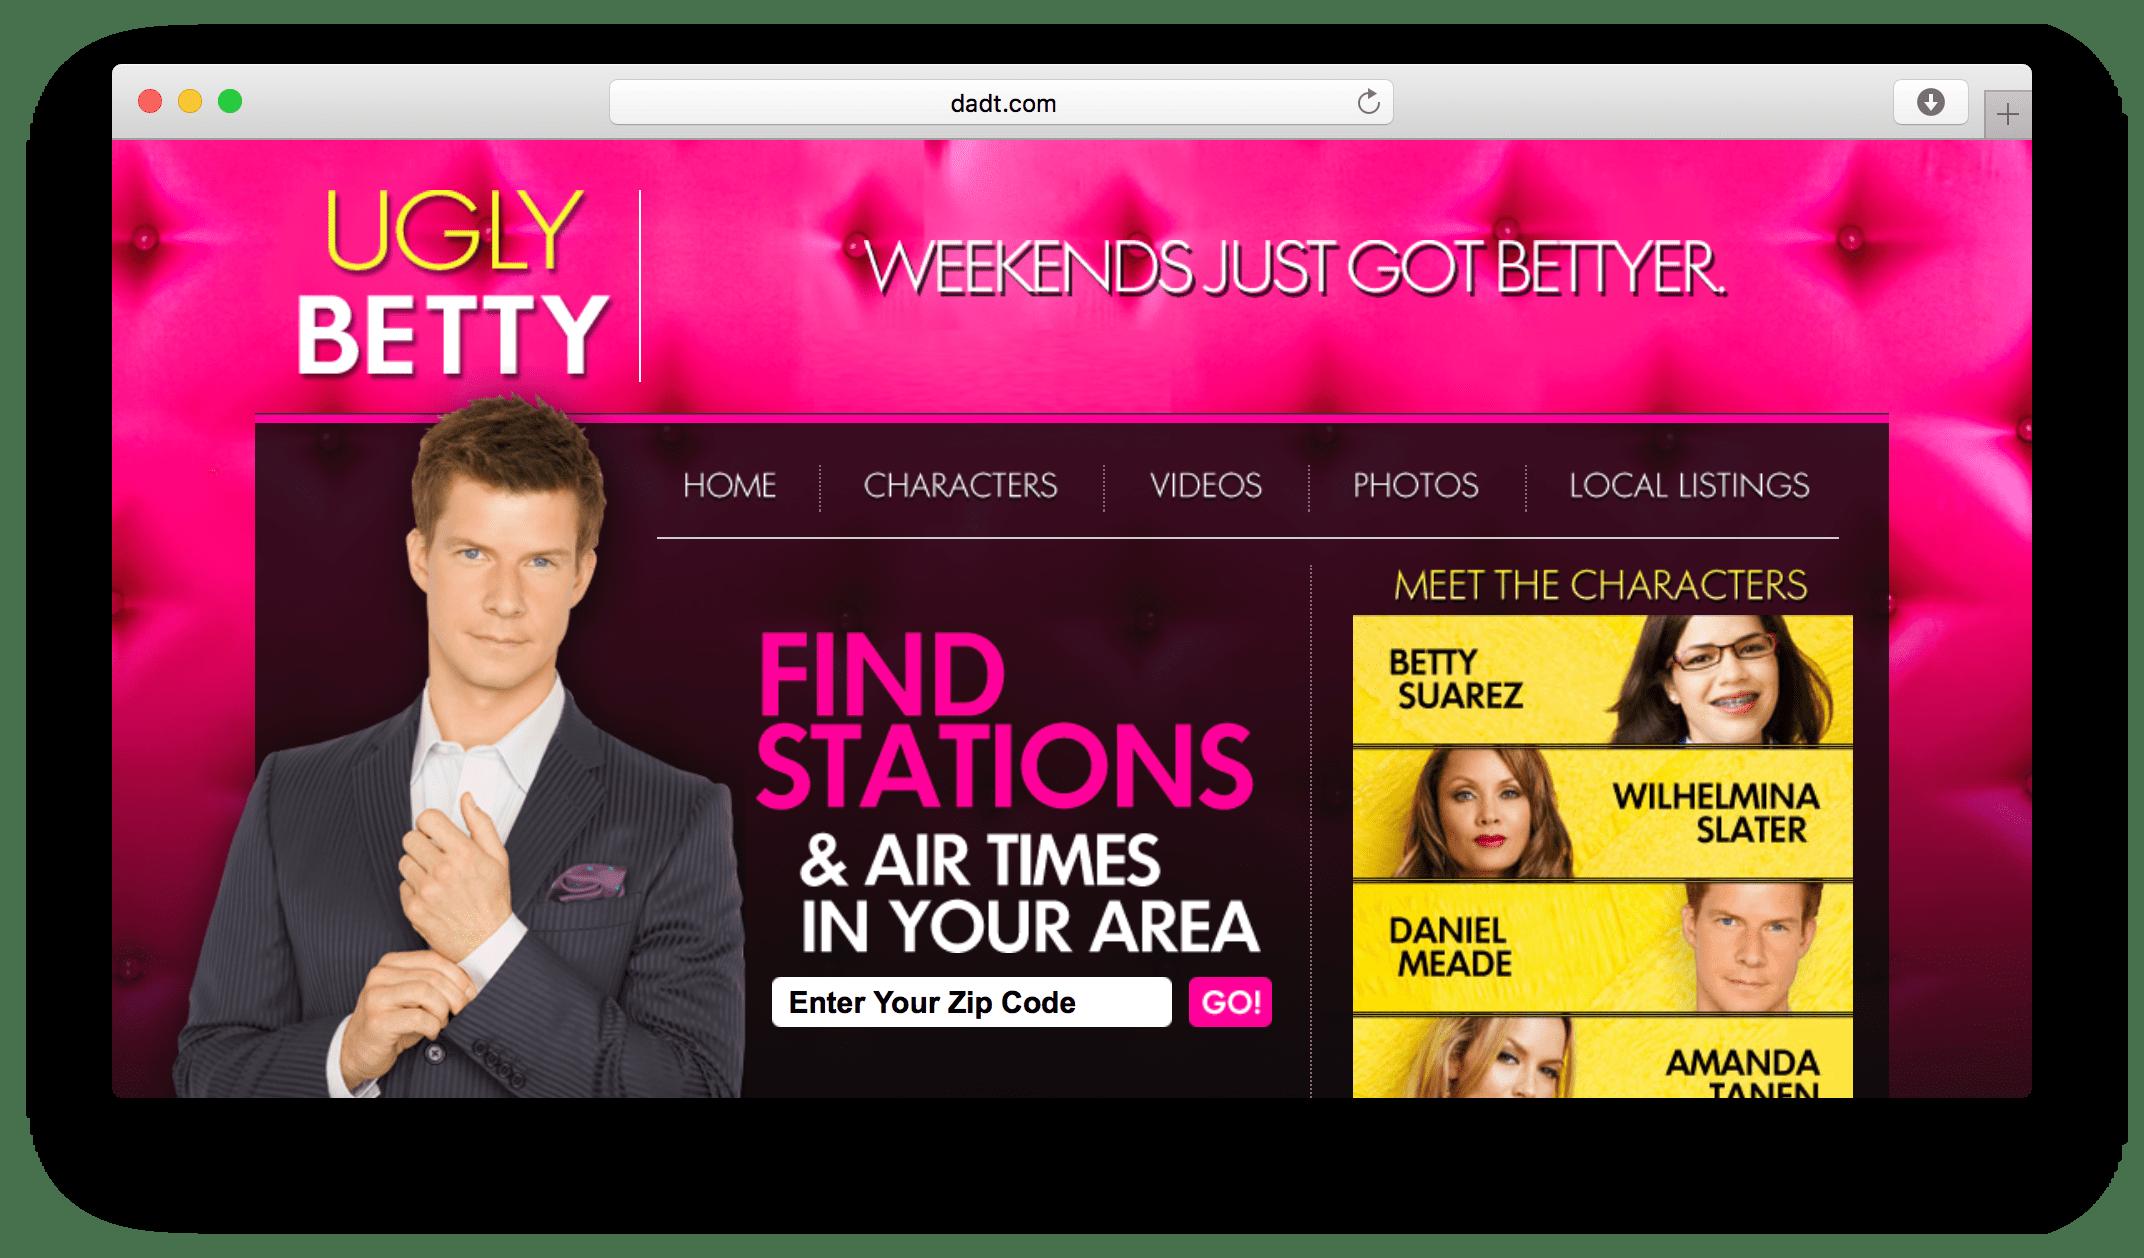 Ugly Betty website screenshot